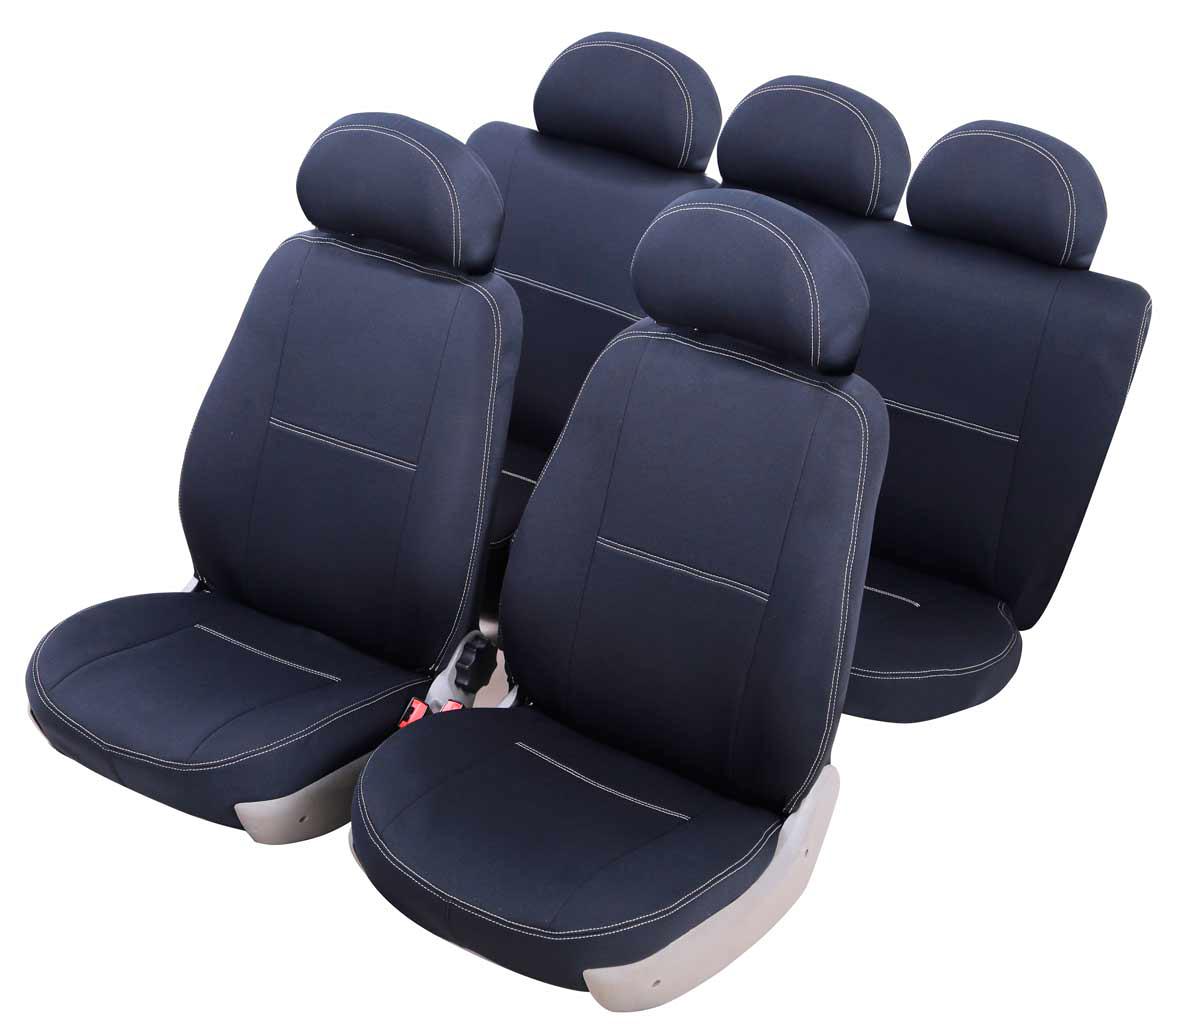 Чехлы на автокресло Azard Standard для Lada 2190 Гранта (2011-н.в), седан, слитный задний рядA4010301Модельные чехлы из полиэстера Azard Standard. Разработаны в РФ индивидуально для каждого автомобиля.Чехлы Azard Standard серийно выпускаются на собственном швейном производстве в России.Чехлы идеально повторяют штатную форму сидений и выглядят как оригинальная обивка сидений. Для простоты установки используется липучка Velcro, учтены все технологические отверстия.Чехлы сохраняют полную функциональность салона - трансформация сидений, возможность установки детских кресел ISOFIX, не препятствуют работе подушек безопасности AIRBAG и подогрева сидений.Дизайн чехлов Azard Standard приближен к оригинальной обивке салона. Декоративная контрастная прострочка по периметру авточехлов придает стильный и изысканный внешний вид интерьеру автомобиля.Чехлы Azard Standard изготовлены из полиэстера, триплированного огнеупорным поролоном толщиной 3 мм, за счет чего чехол приобретает дополнительную мягкость. Подложка из спандбонда сохраняет свойства поролона и предотвращает его разрушение.Авточехлы Azard Standard просты в уходе - загрязнения легко удаляются влажной тканью.